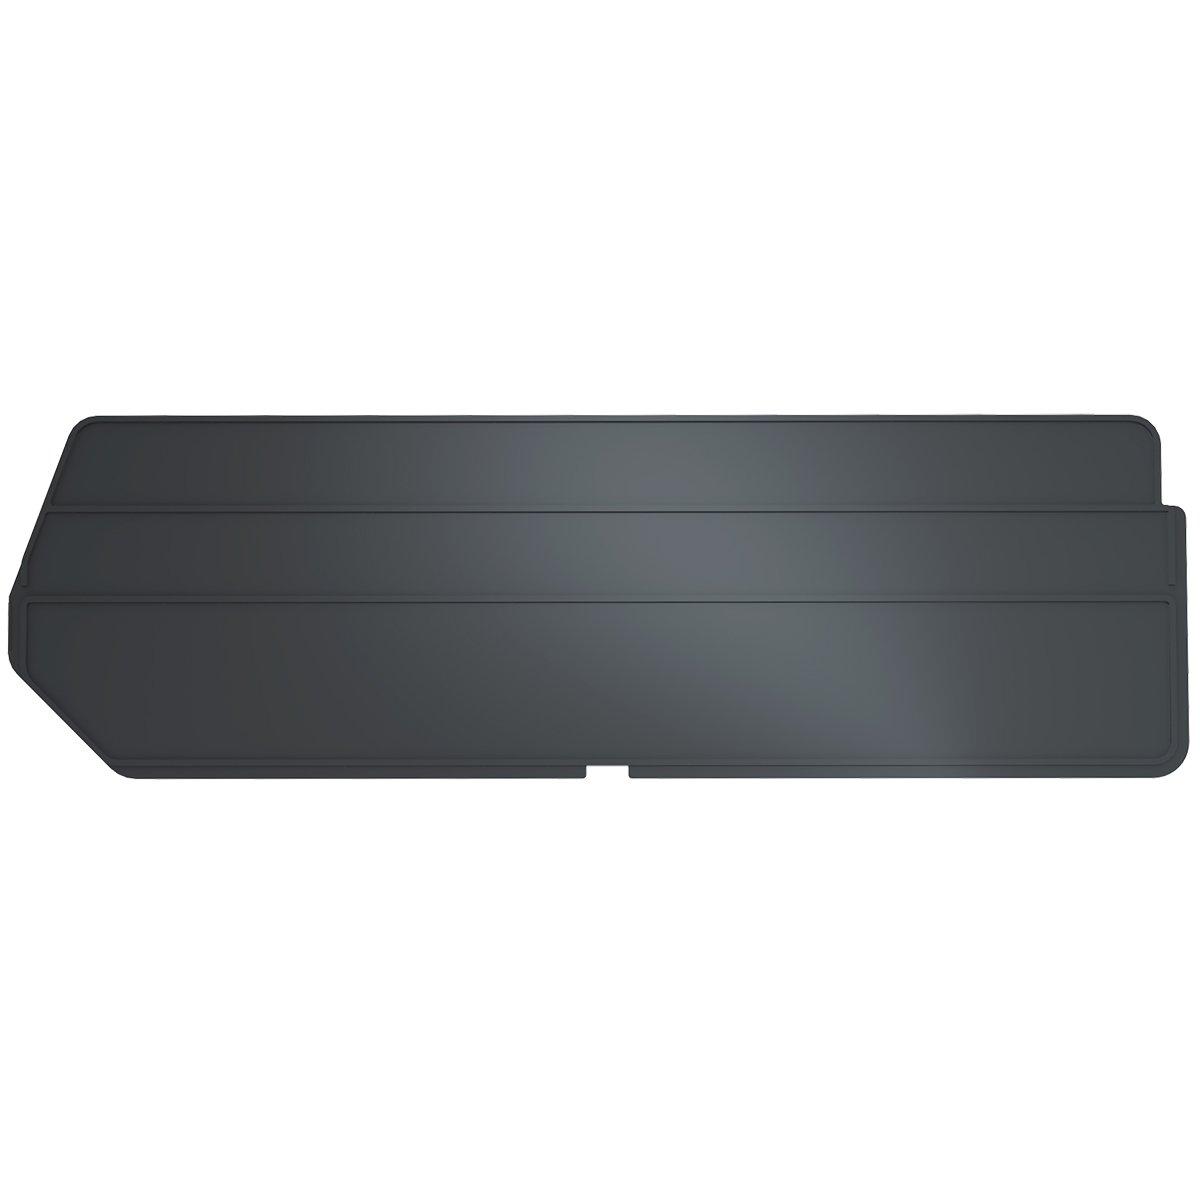 Akro-Mils 40234 Lengthwise Divider for 30234 AkroBin, Black, 6-Pack